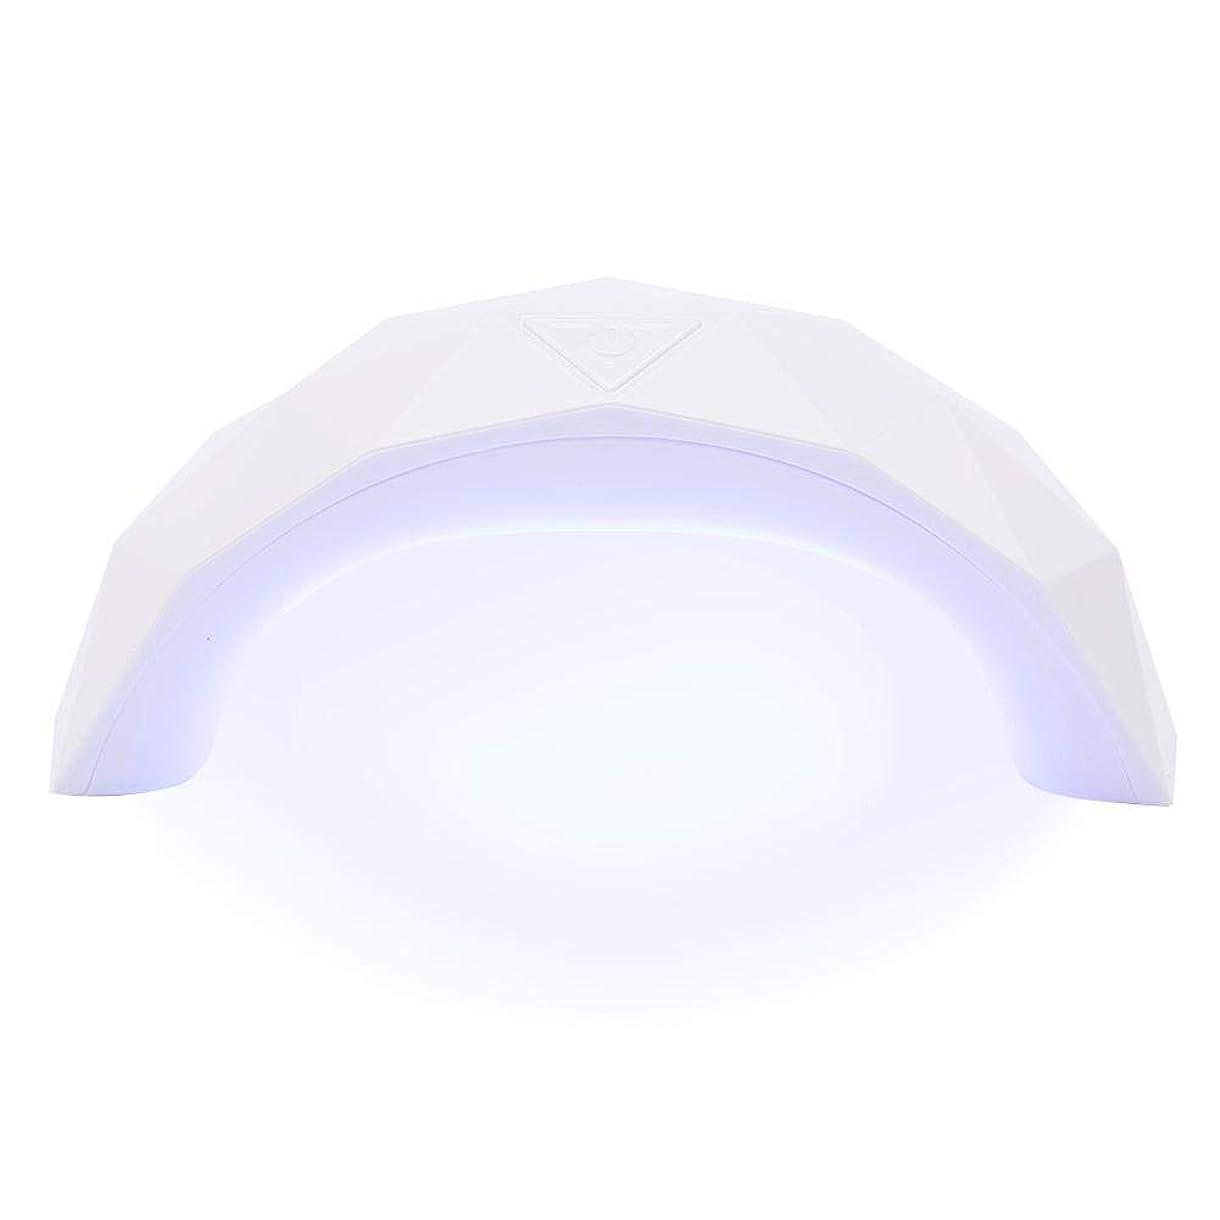 ウッズサイトピービッシュ硬化用ライト 9W  LED UV ネイルドライヤー 赤外線美白機能付き スマートライトミニ